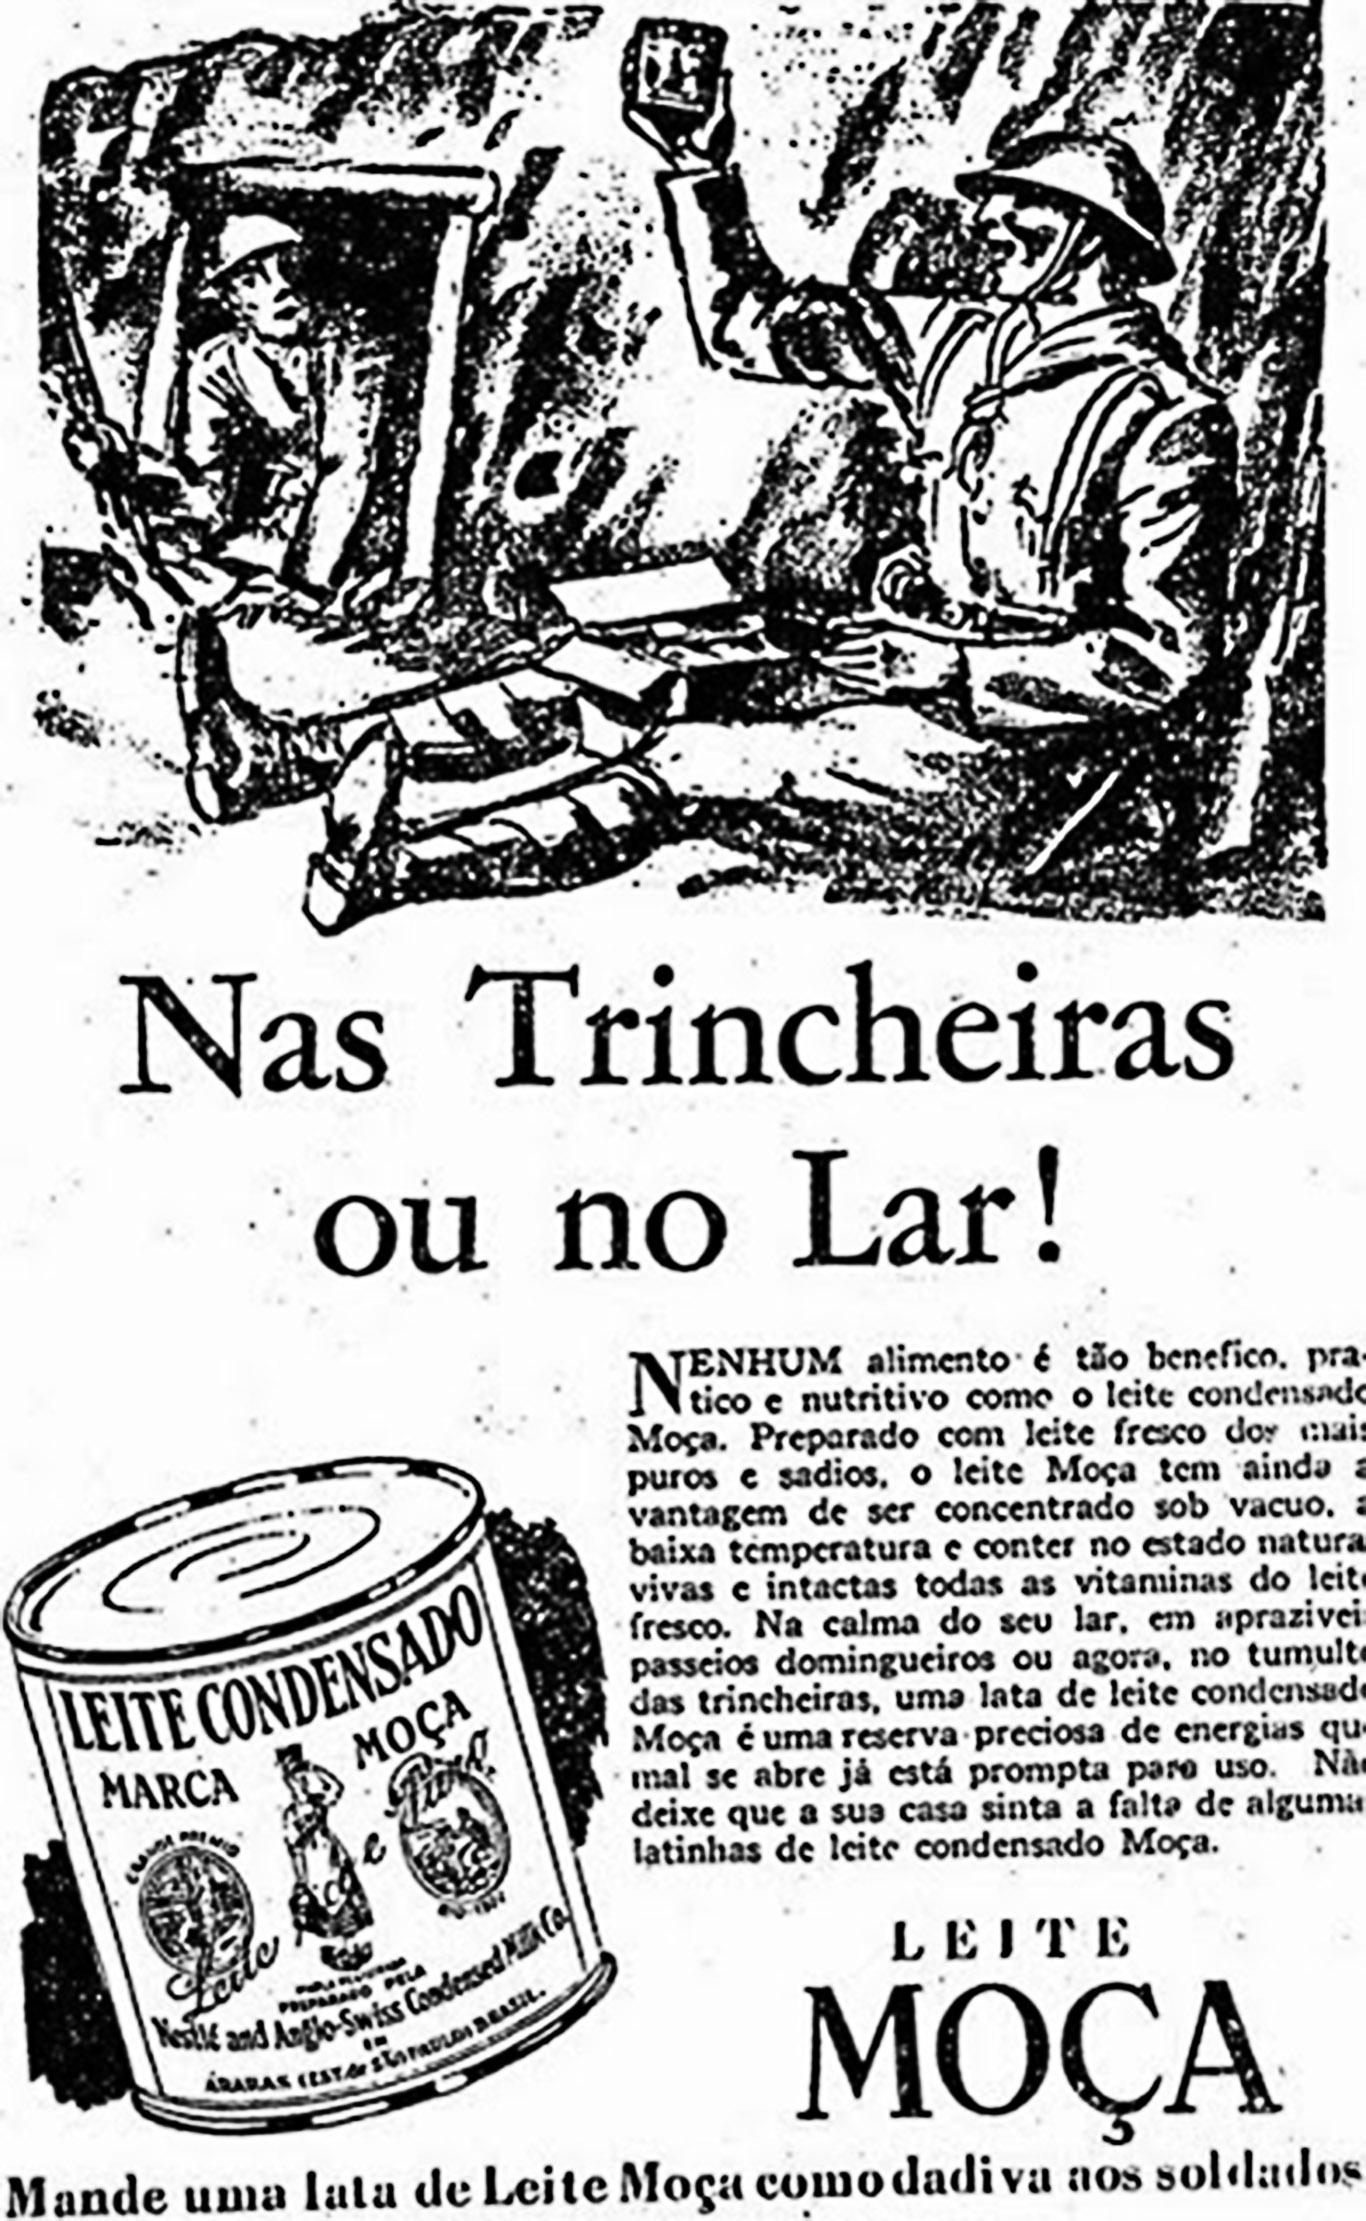 Fonte: Propagandas Históricas/Reprodução